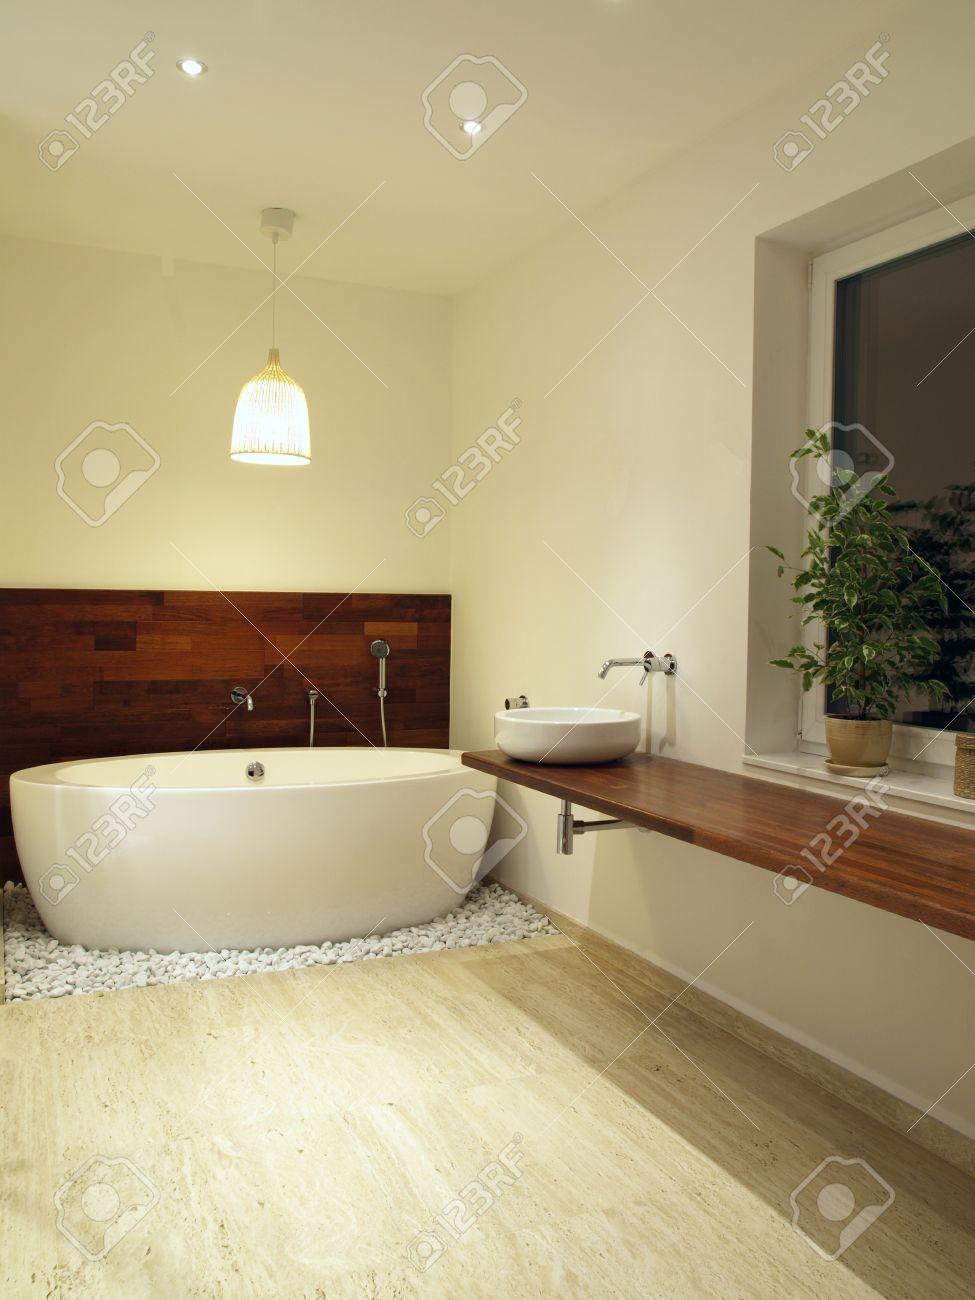 banque dimages salle de bains moderne avec des carreaux de travertin